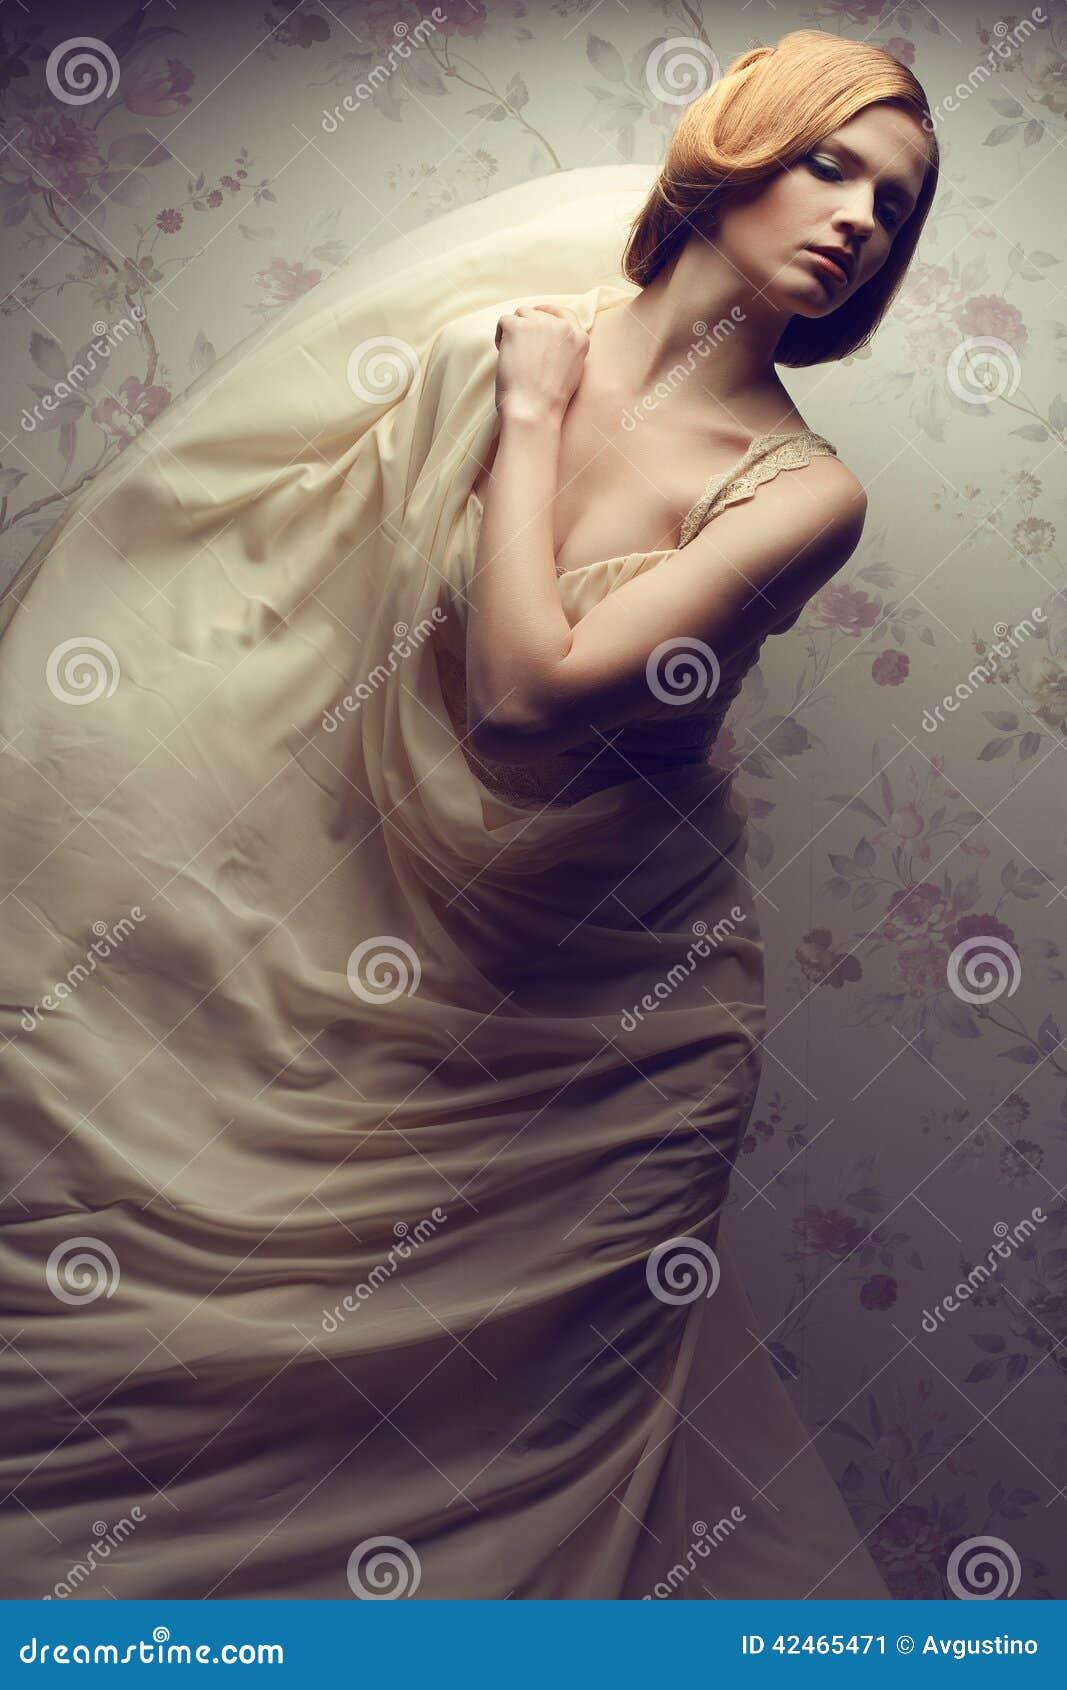 Bezauberndes rothaariges (Ingwer) Mädchen im vapory Kleid